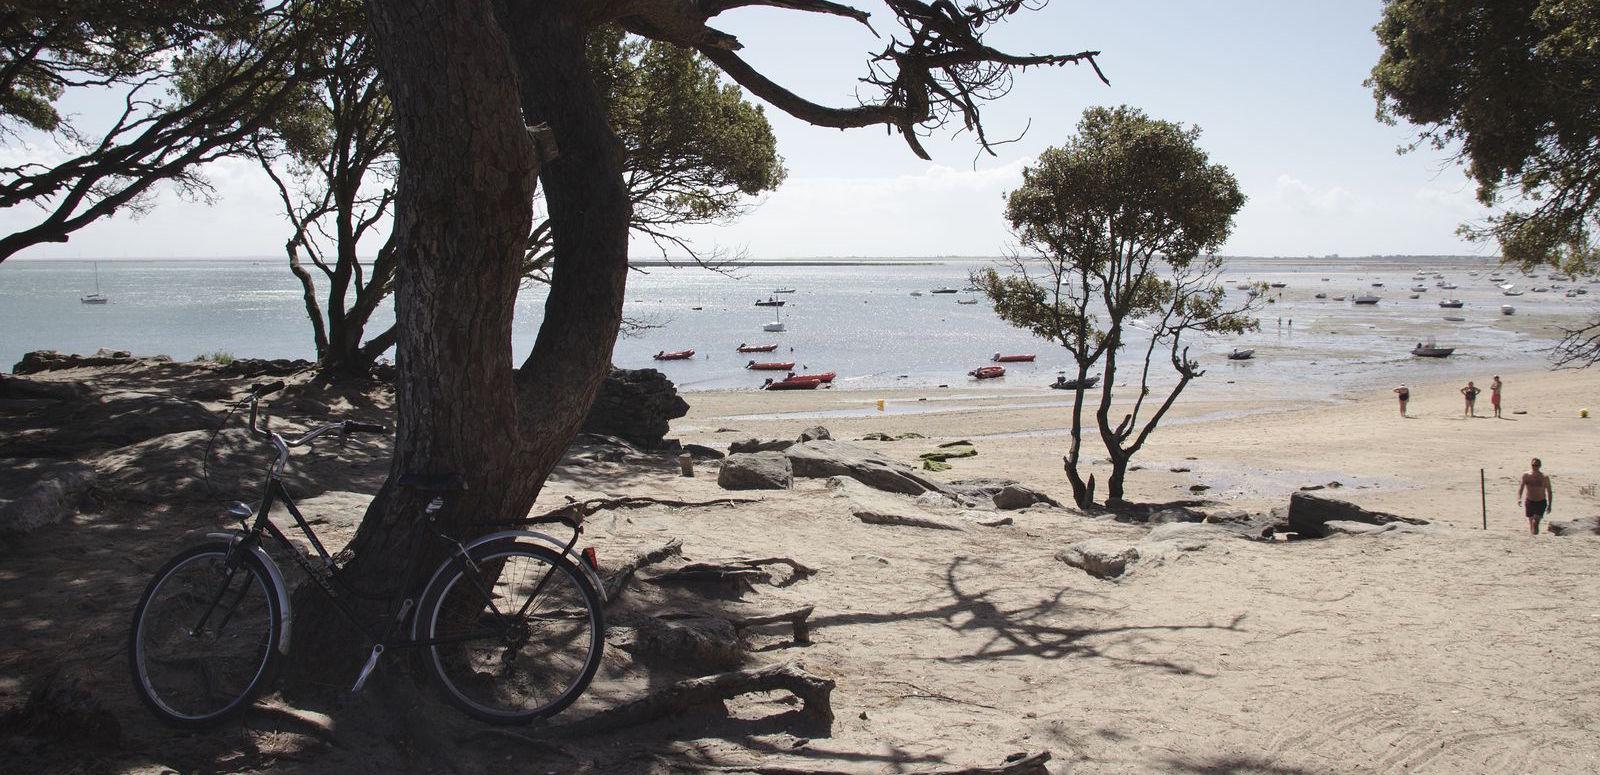 noirmoutier-vue-sur-la-mer-a-bicyclette